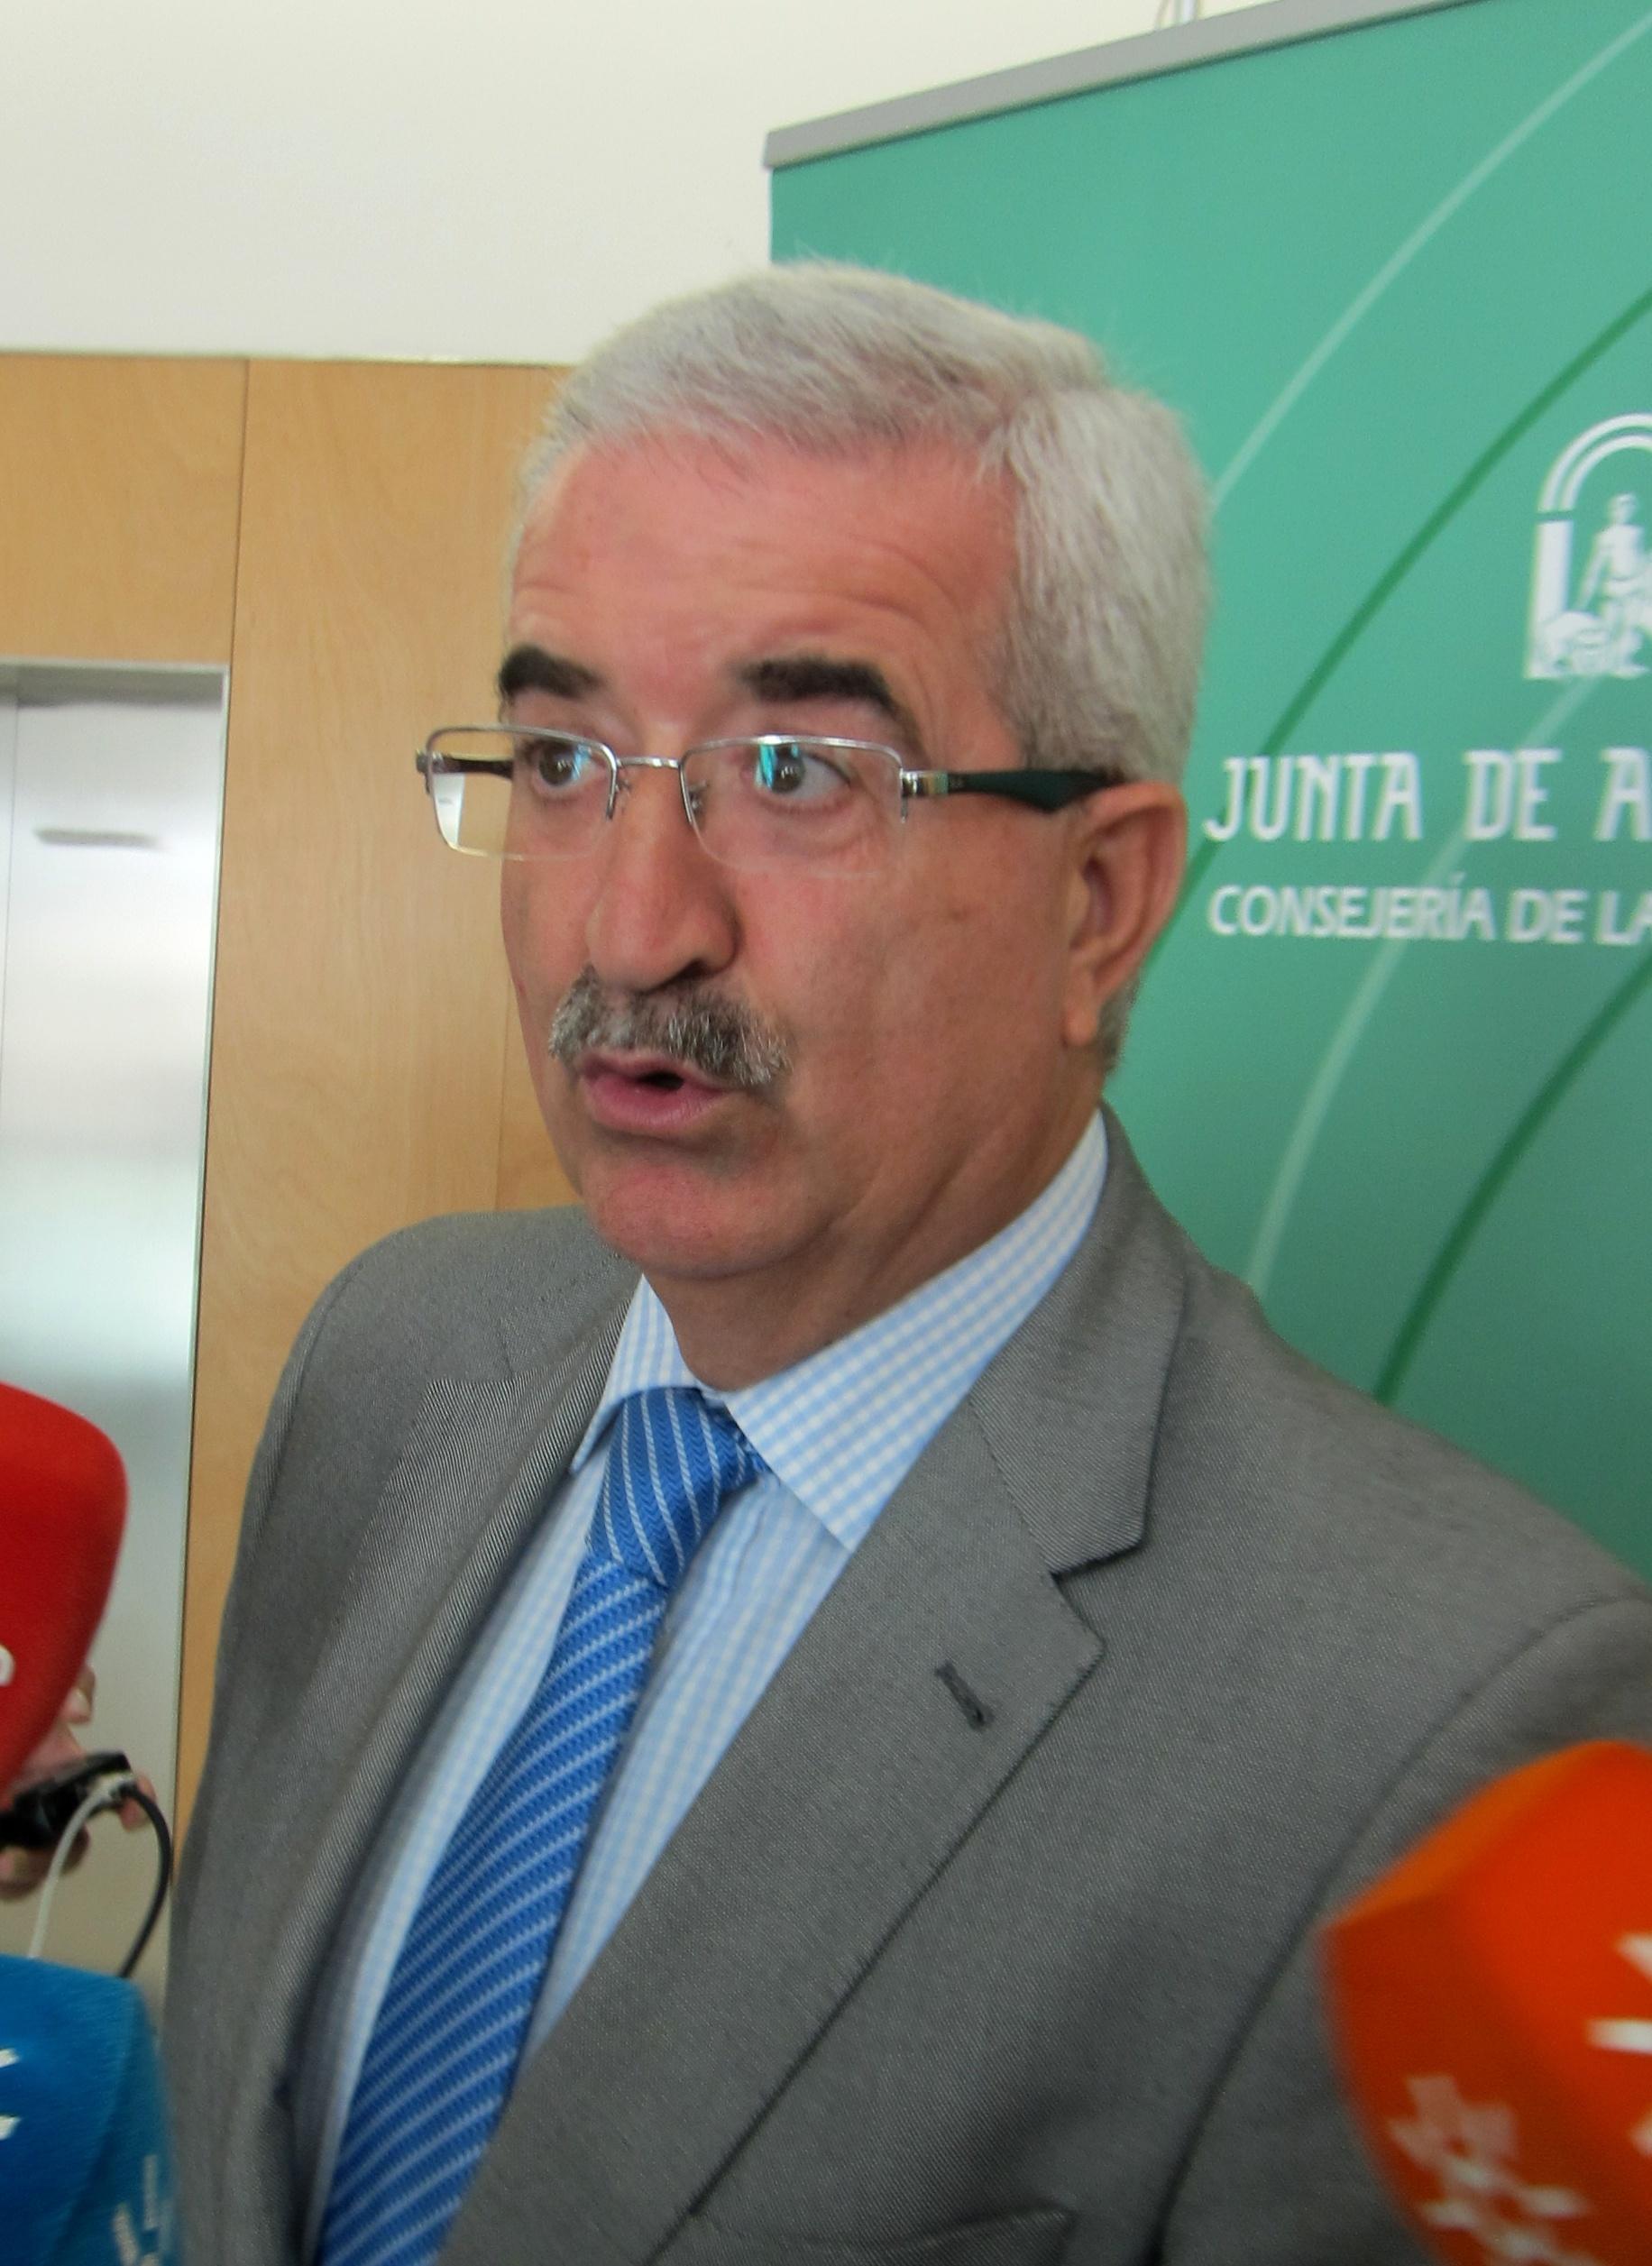 El Consejo de Gobierno aprobará este martes un nueva ley «fuerte y potente» contra el fraude fiscal